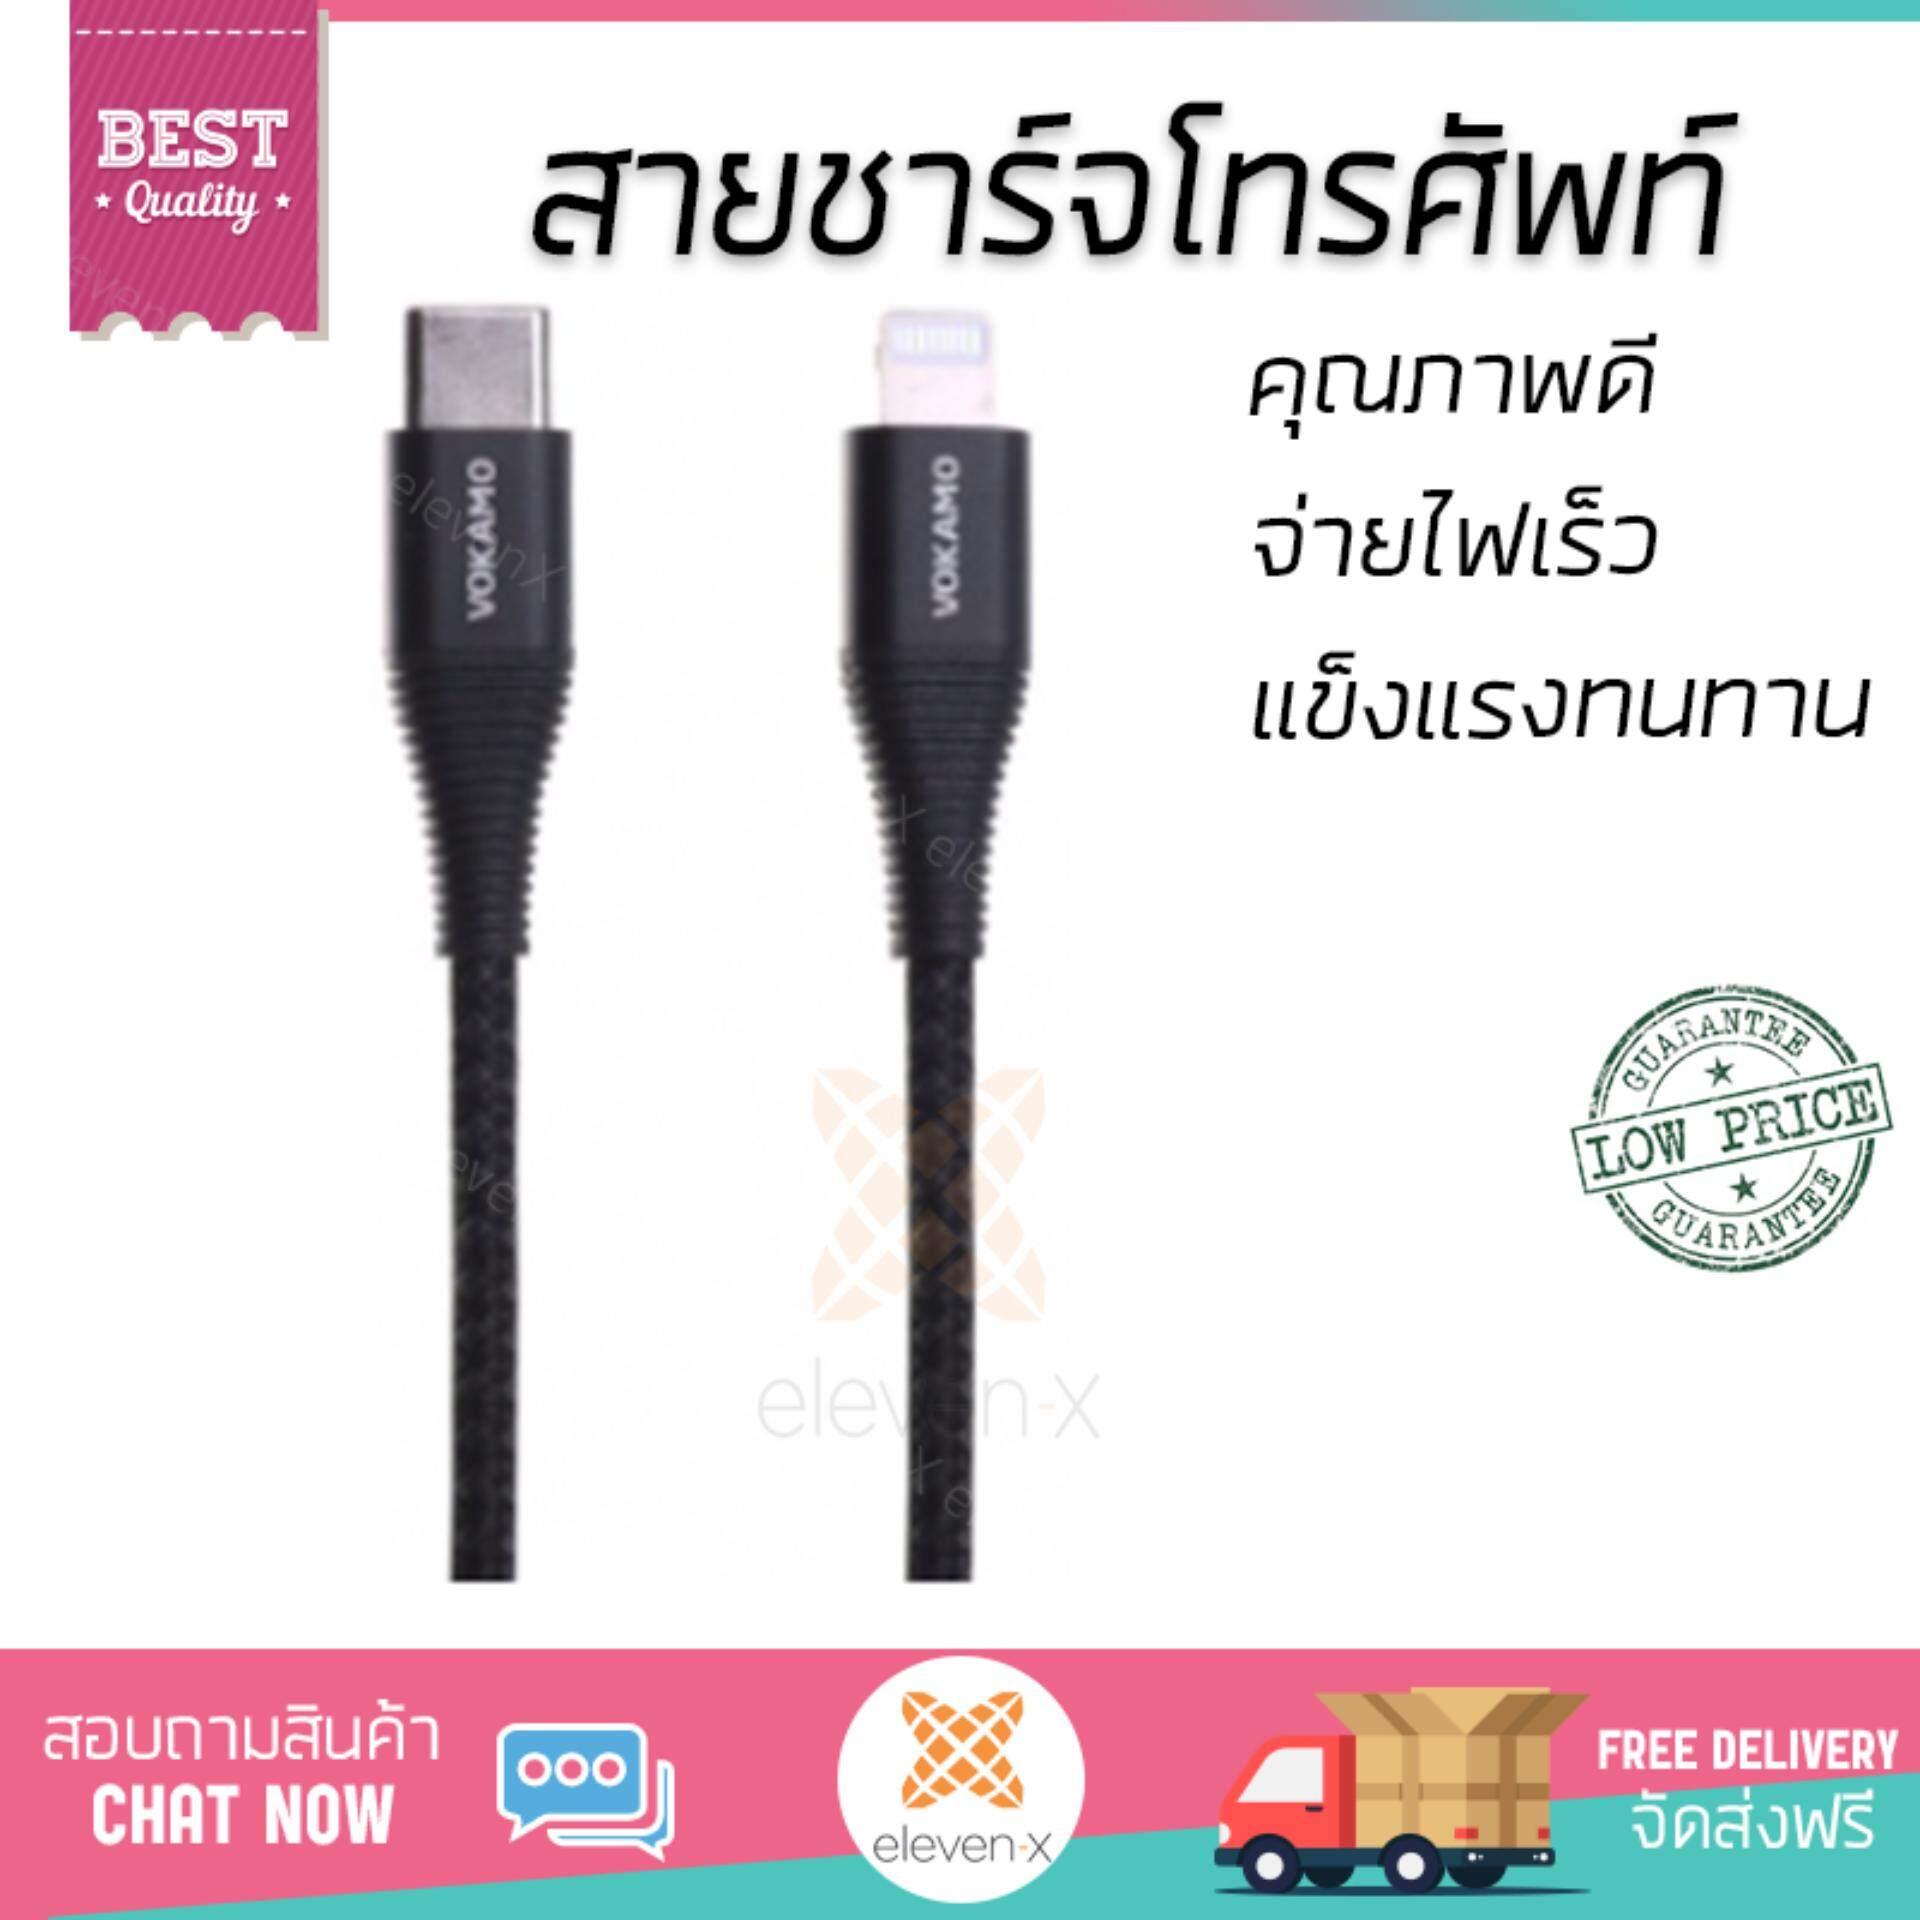 ขายดีมาก! ราคาพิเศษ รุ่นยอดนิยม สายชาร์จโทรศัพท์ Vokamo Luxlink Lightning to USB-C Cable 1.2M. Black สายชาร์จทนทาน แข็งแรง จ่ายไฟเร็ว Mobile Cable จัดส่งฟรี Kerry ทั่วประเทศ